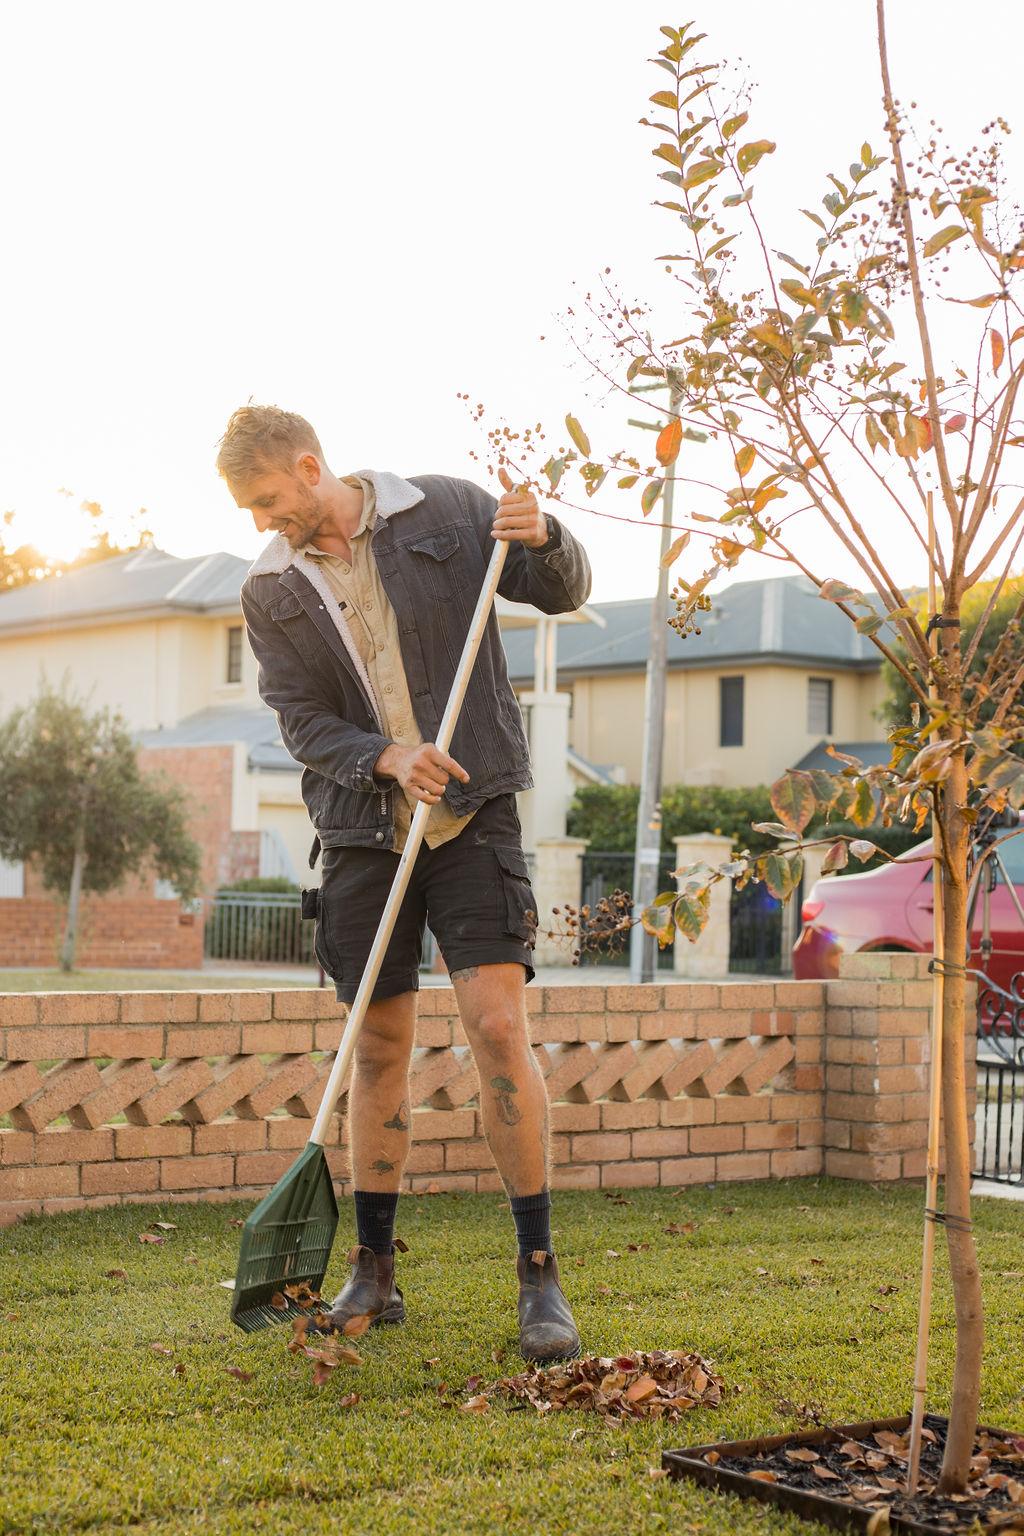 A man raking leaves